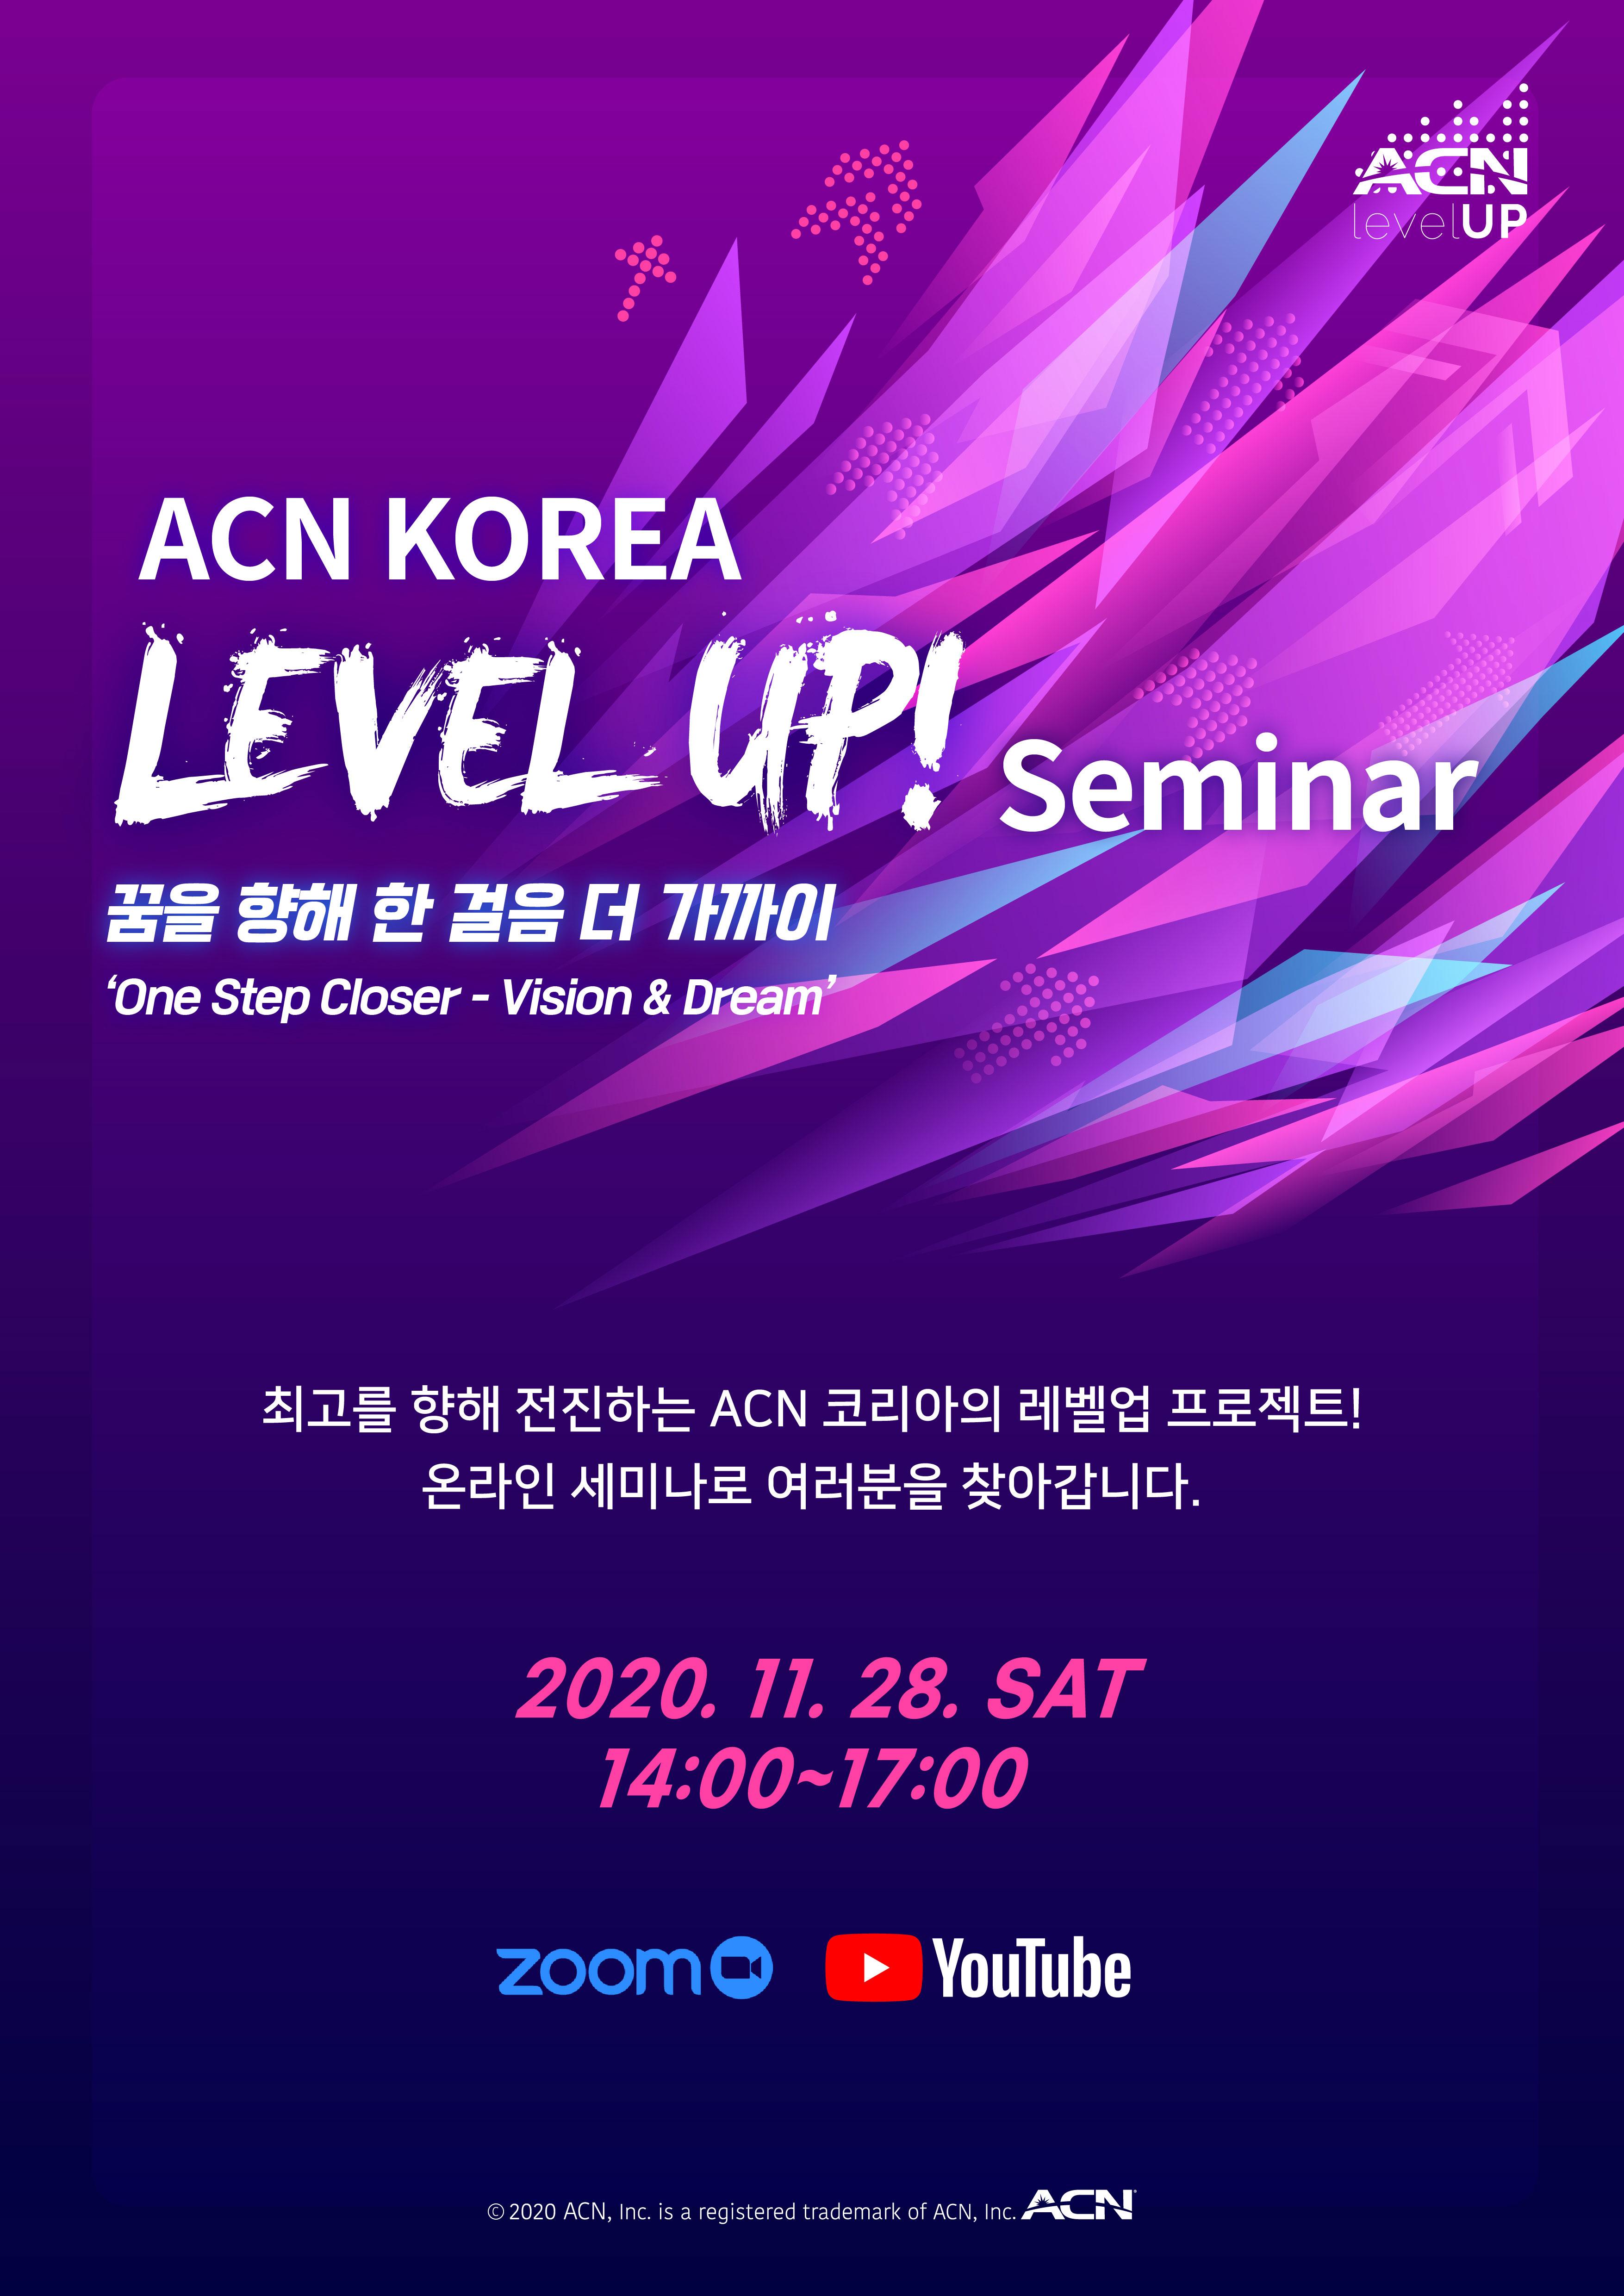 ACN 코리아 레벨-업 세미나 - 2020.11.28(토)